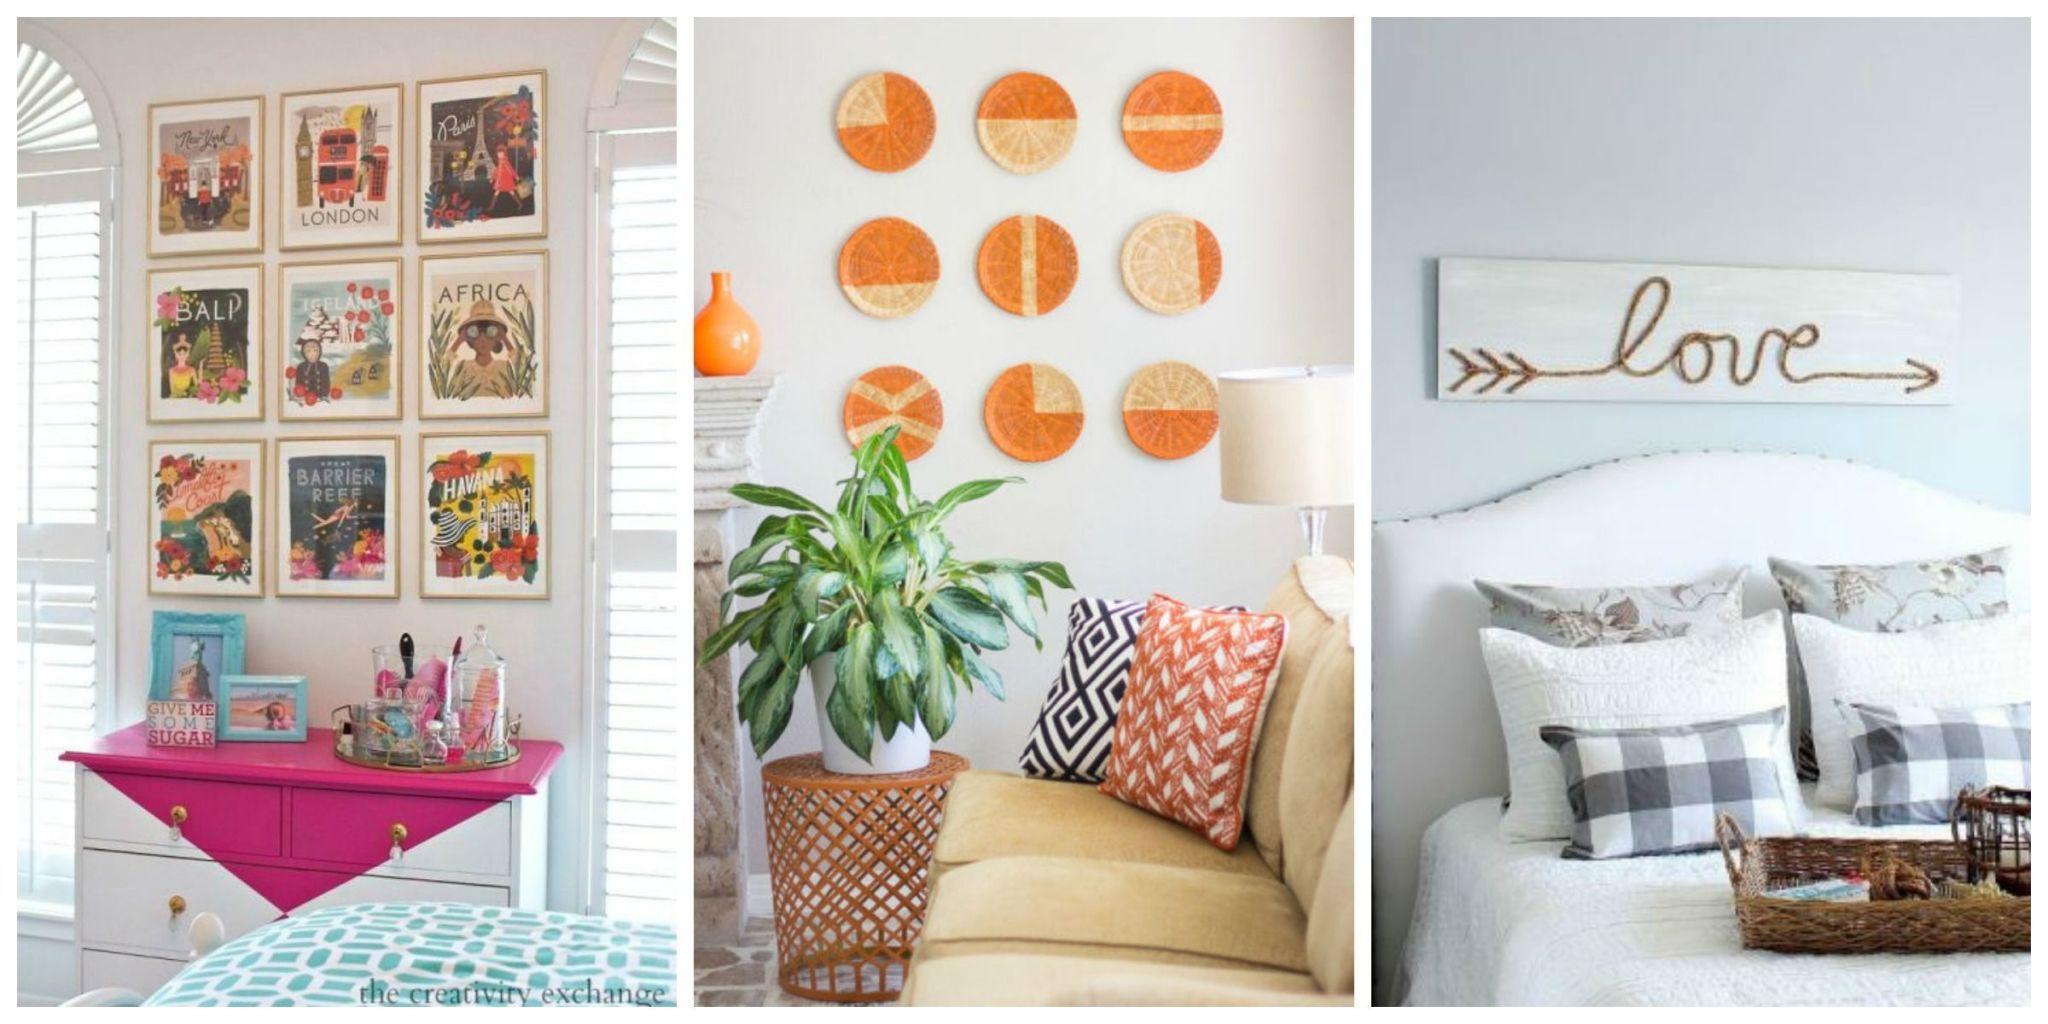 Inspiring Living Room Wall Art Ideas Gallery